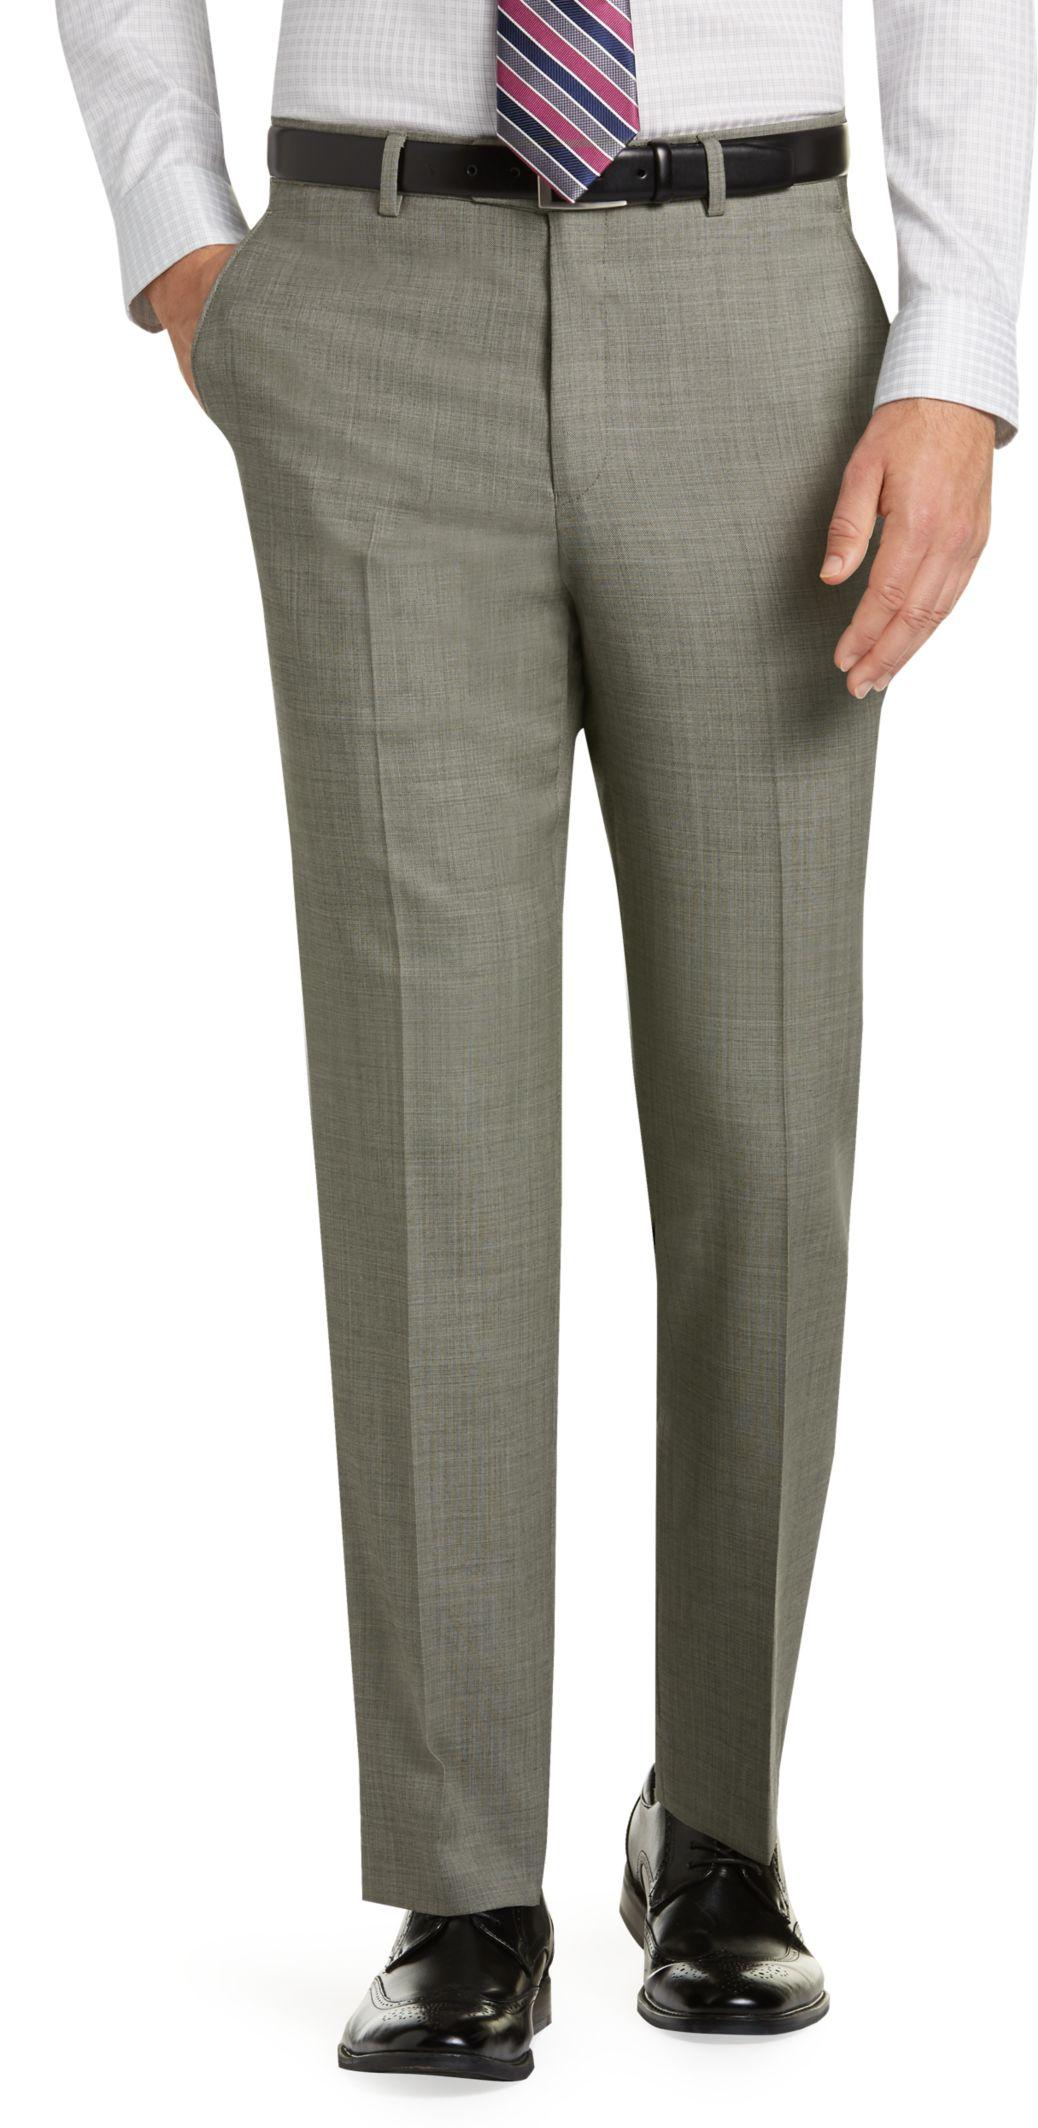 00 long dress pants 31x29